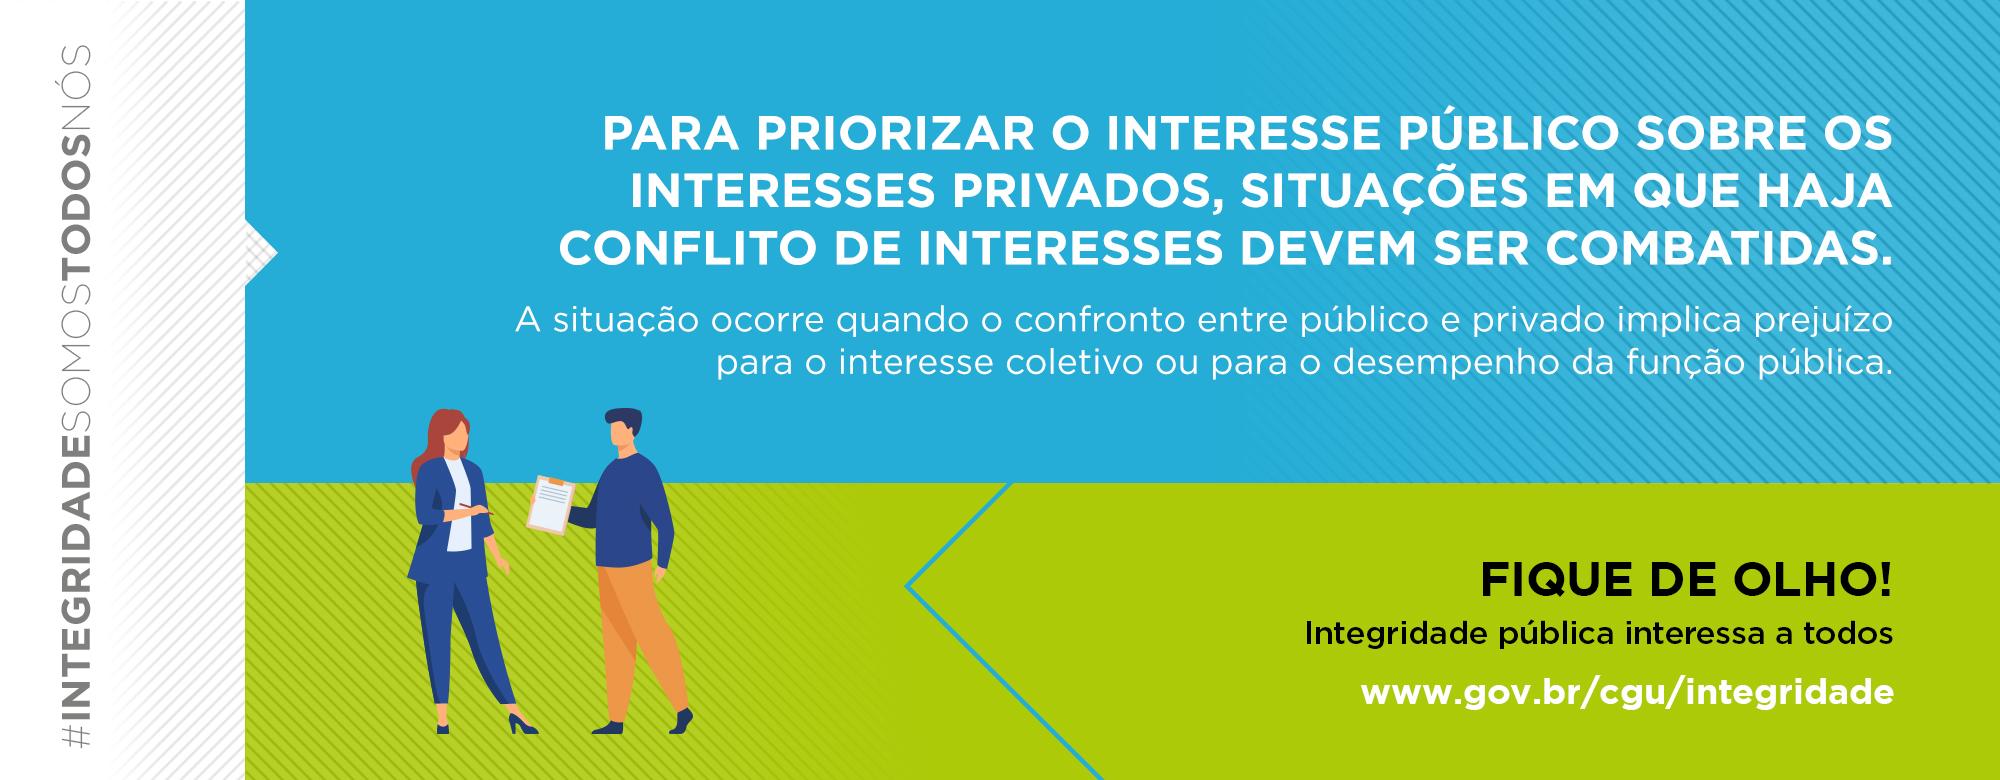 Saiba mais sobre Conflito de Interesses na Administração Pública